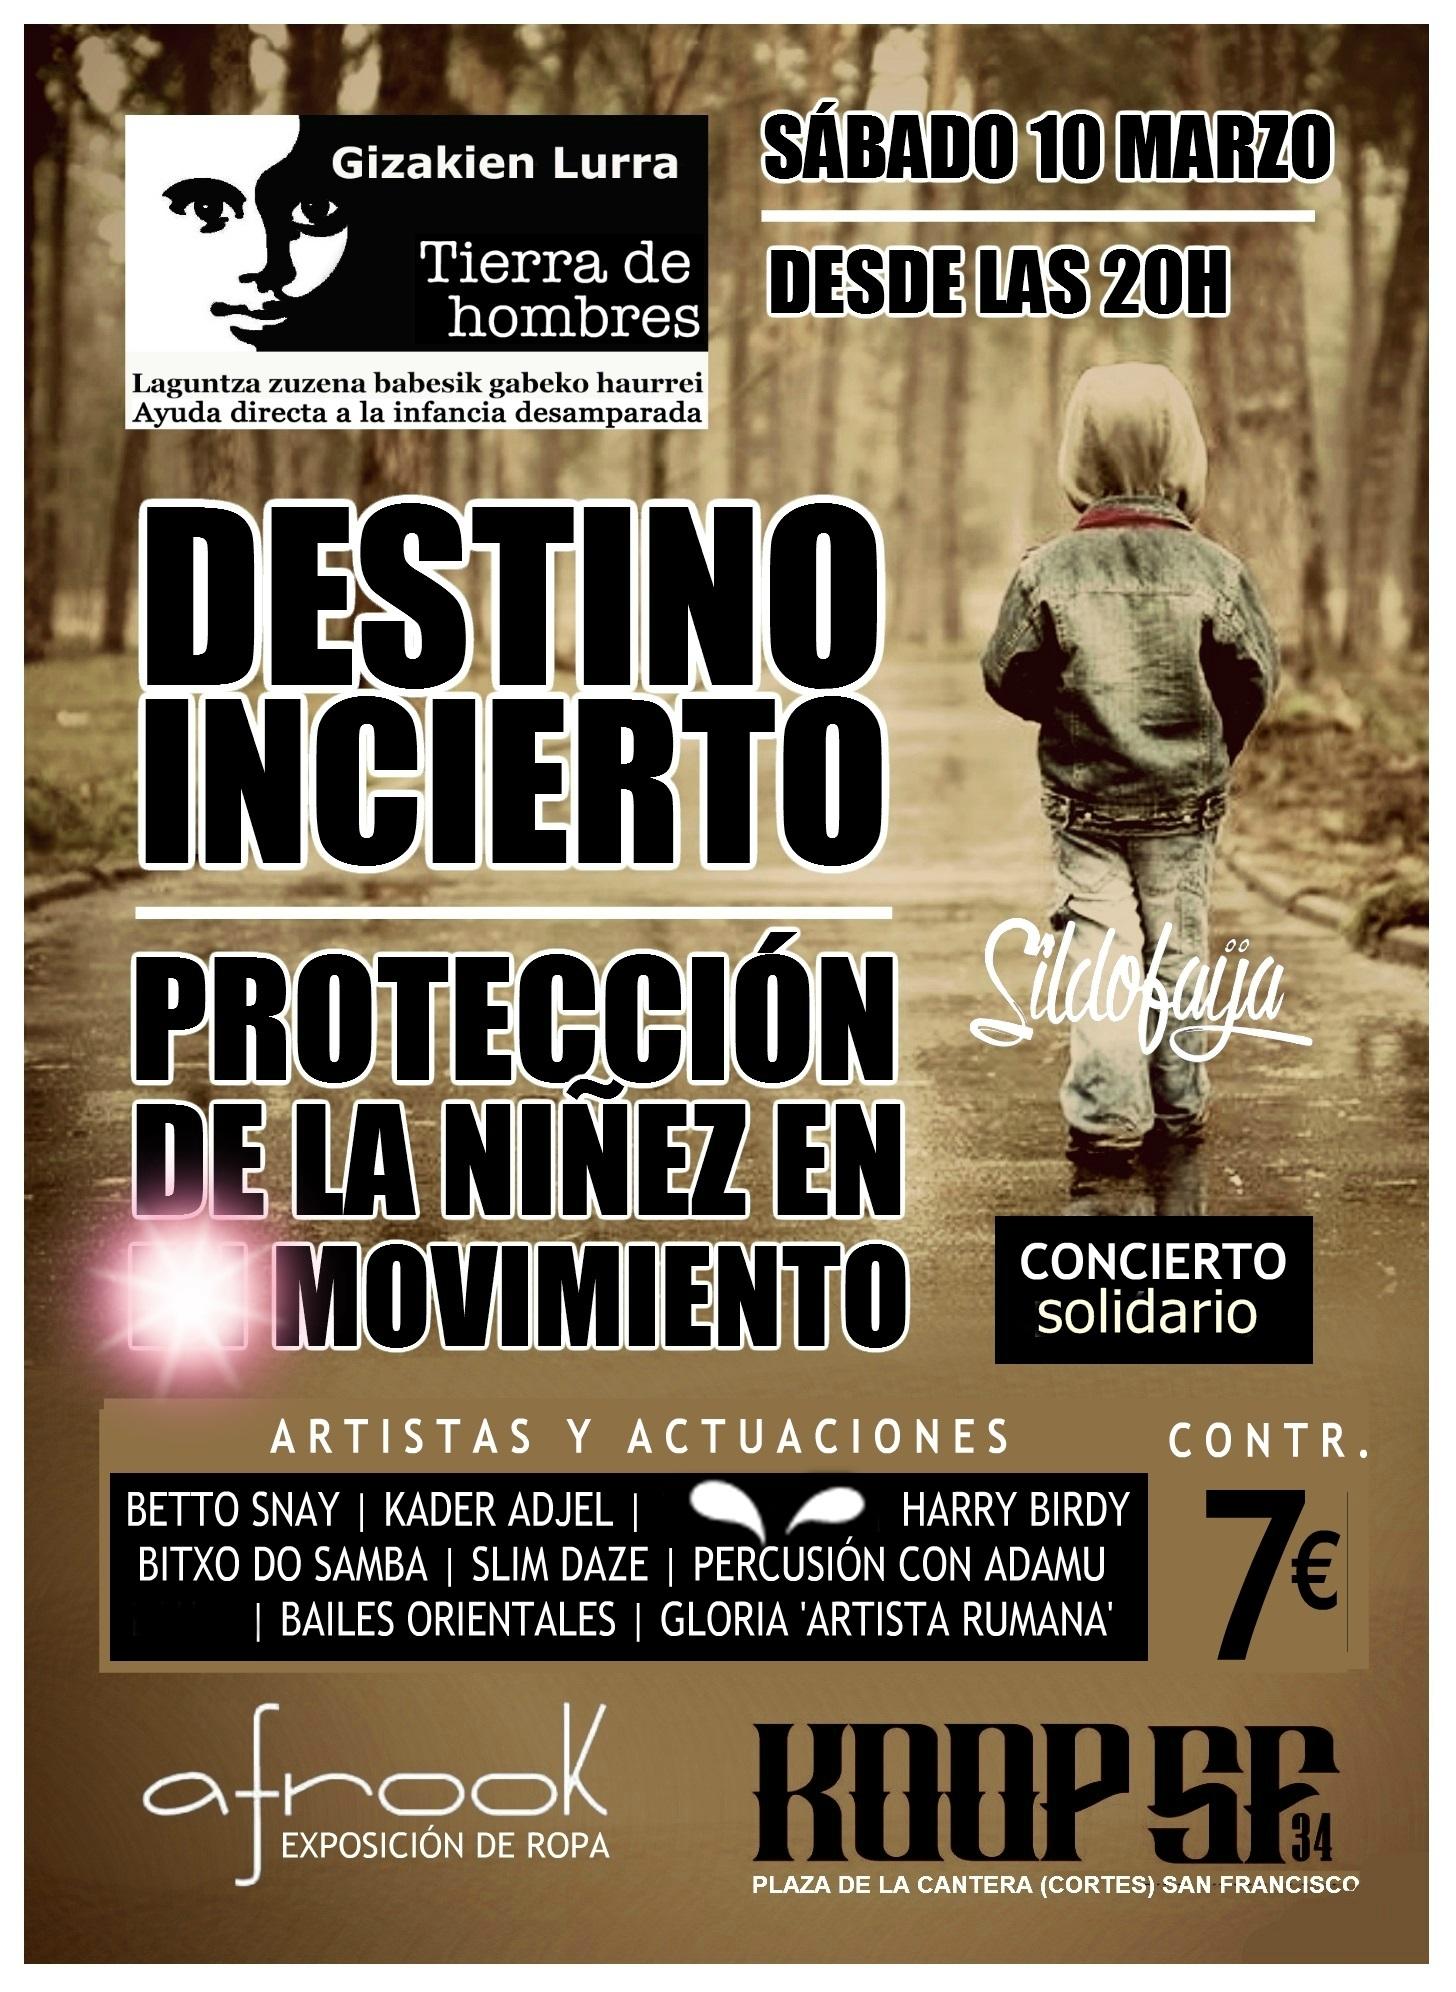 Concierto solidario por la campaña «Destino Incierto» el sábado 10 de marzo en Koop SF 34 (Bilbao)